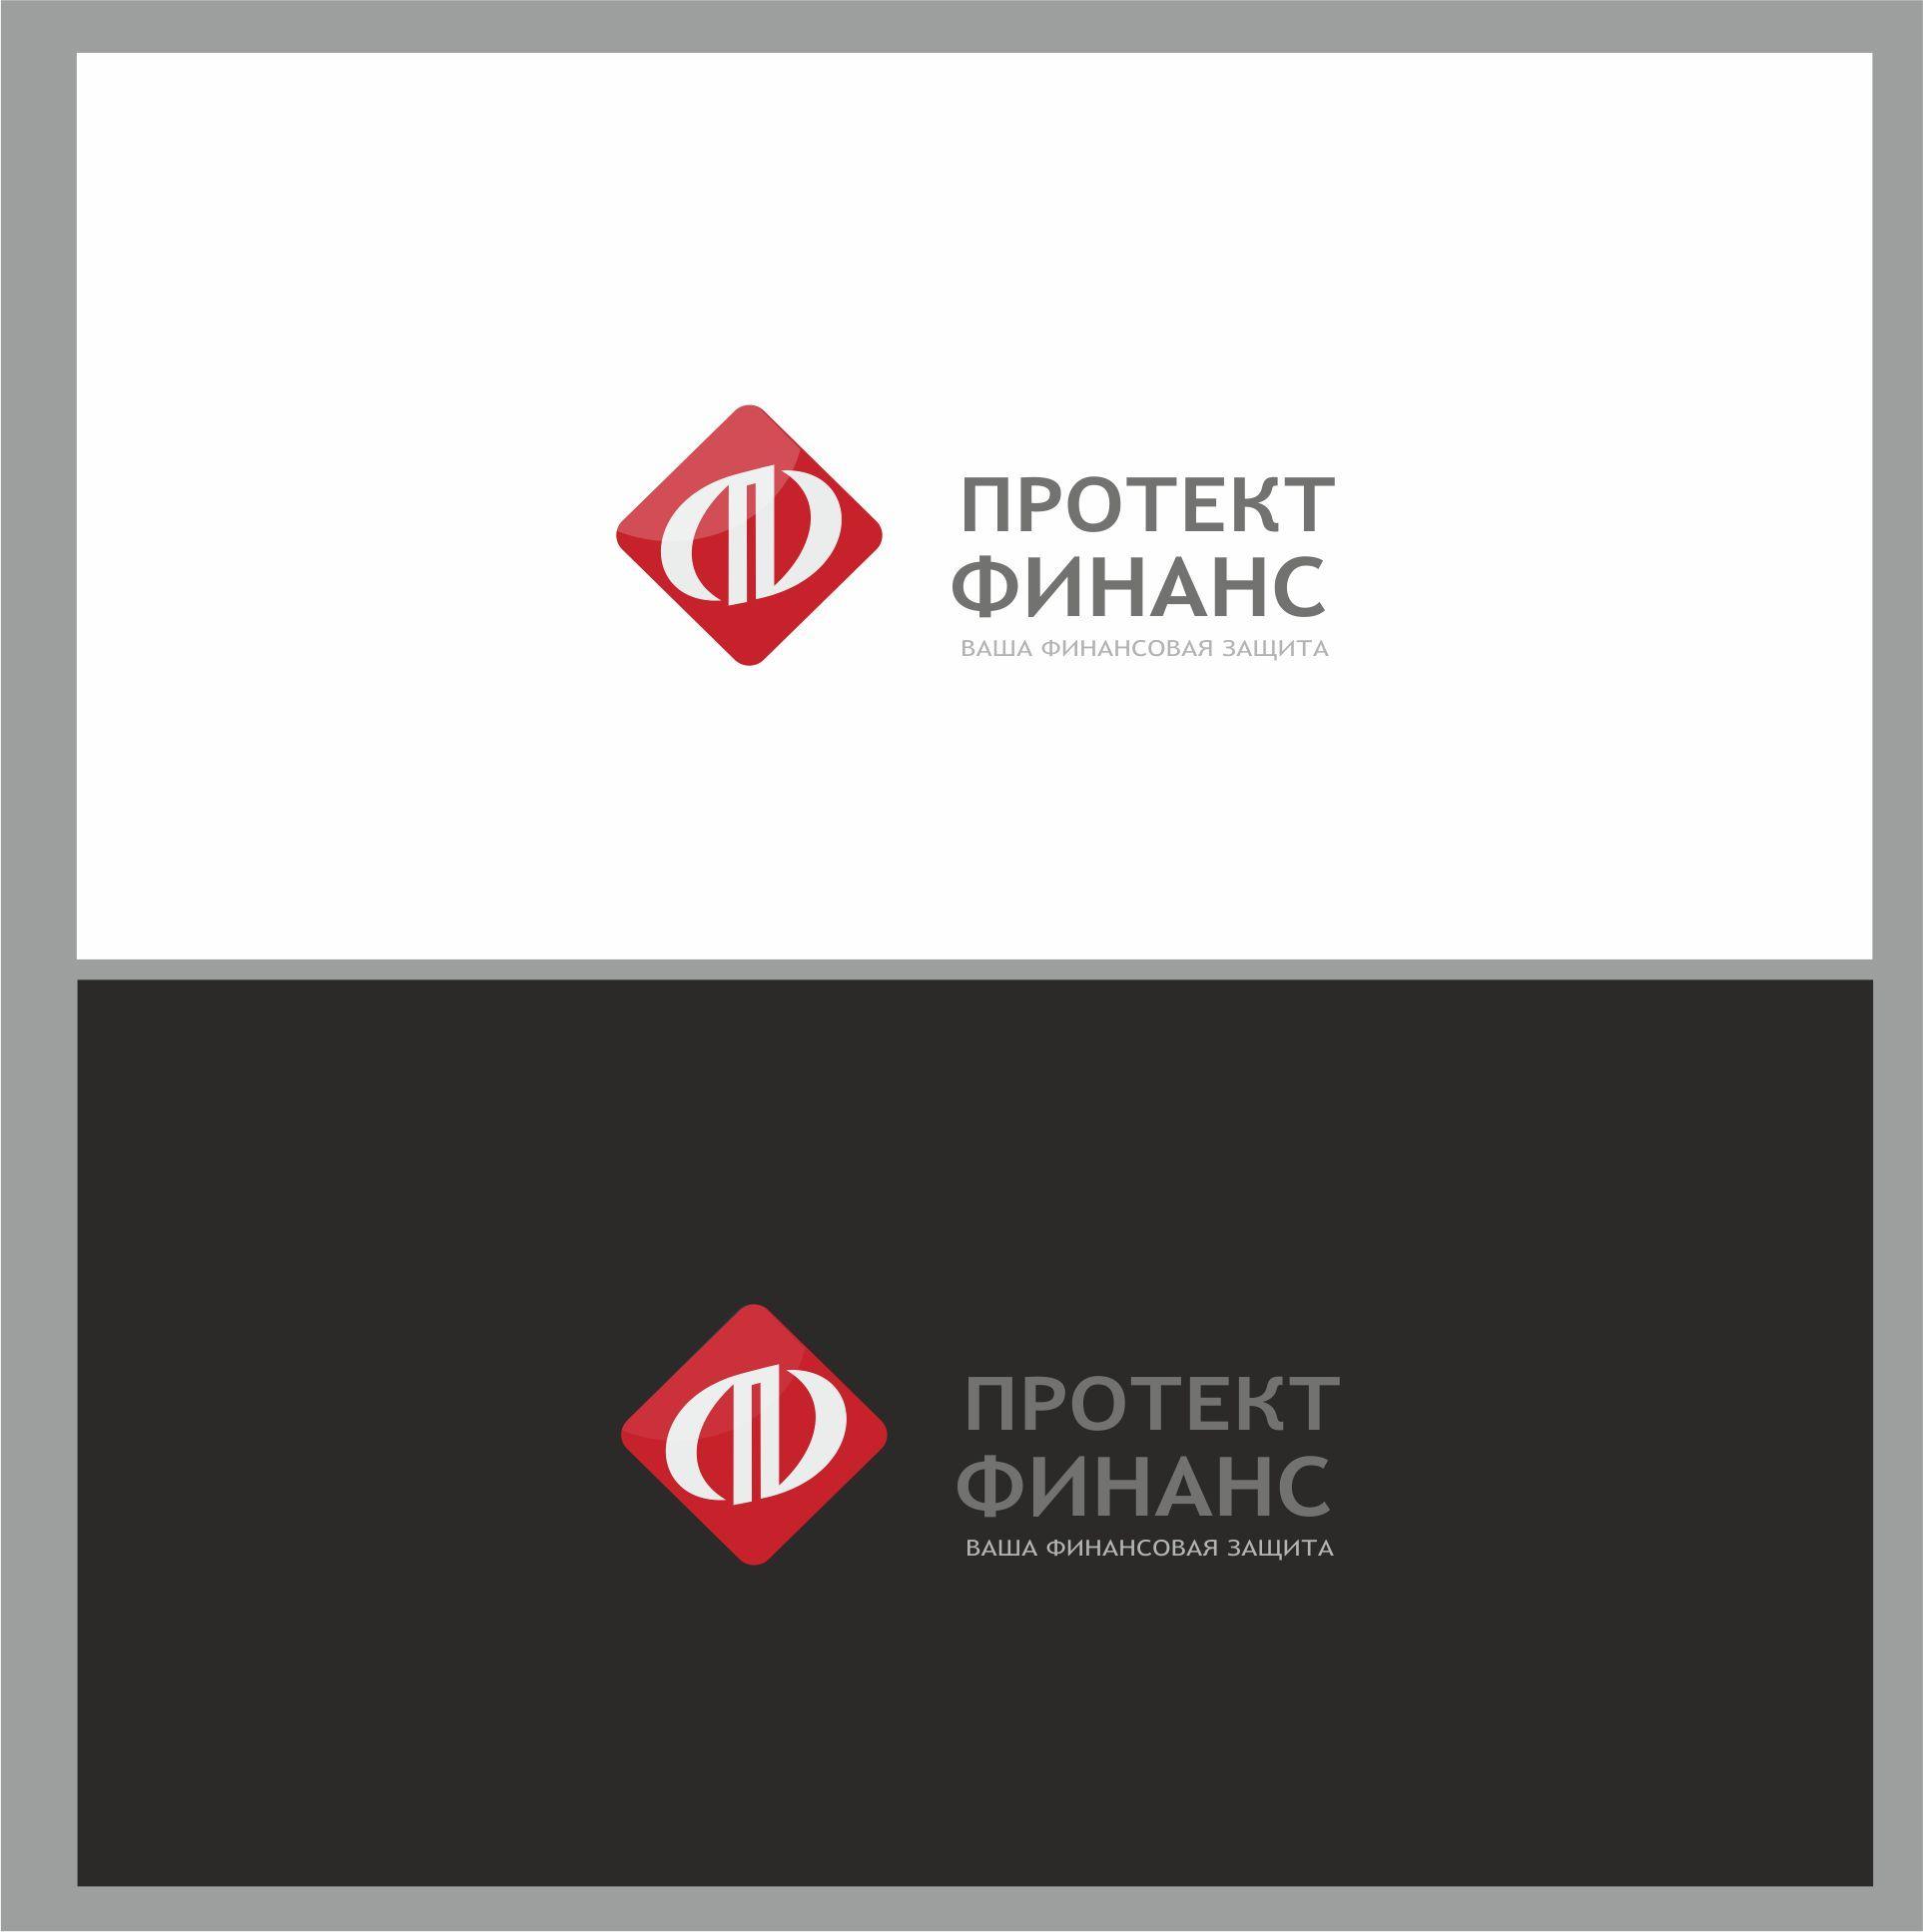 Фирм.стиль для ООО МФО «Протект Финанс» - дизайнер dbyjuhfl